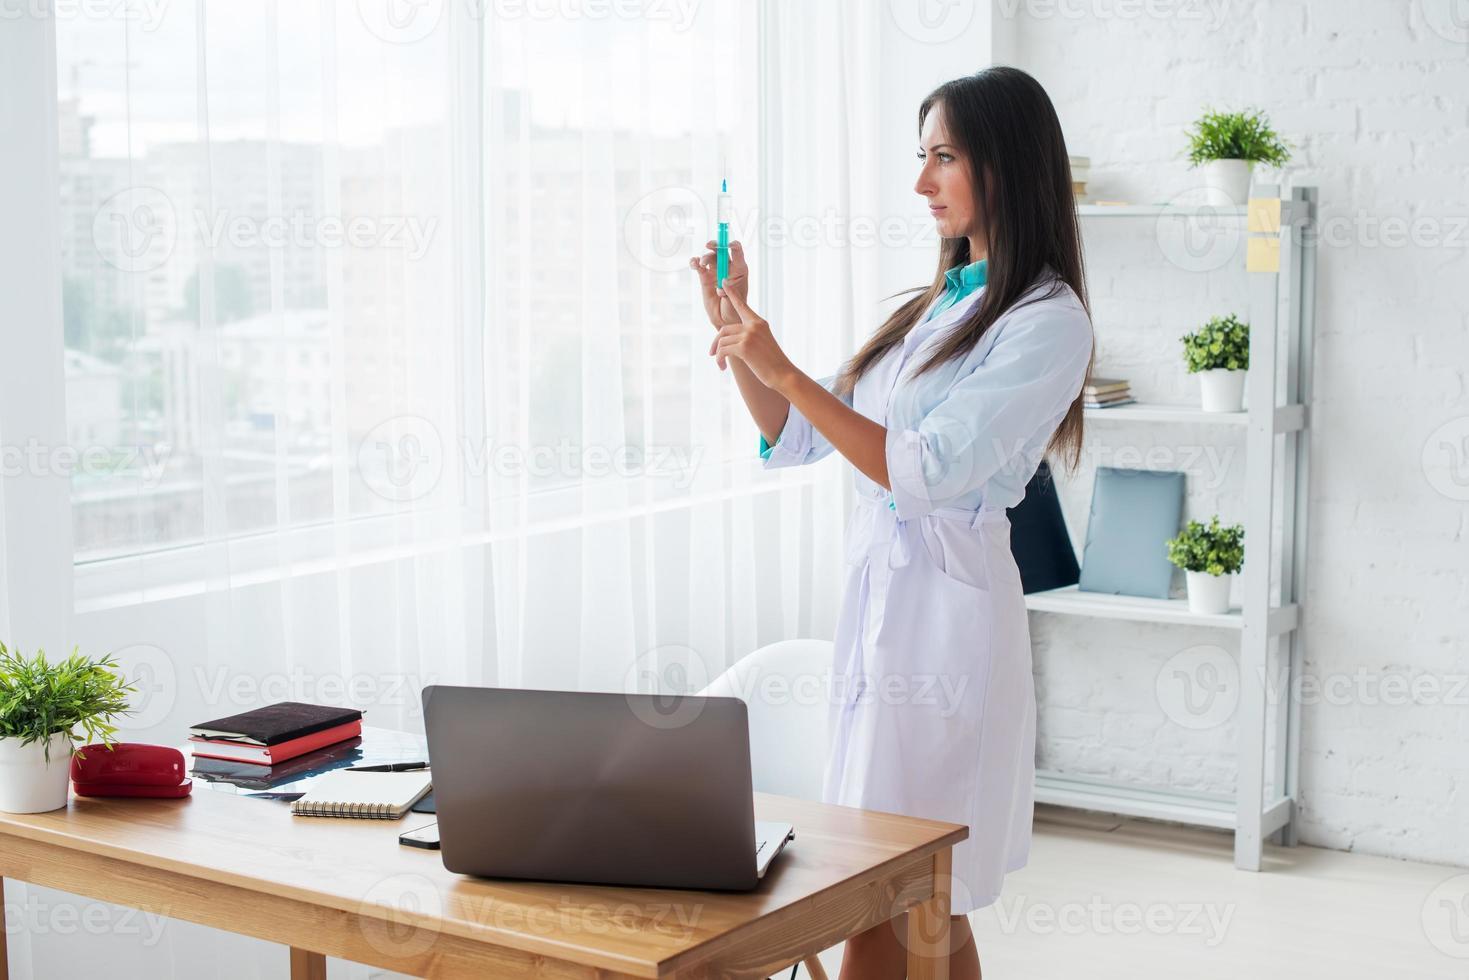 vrouw arts of verpleegster met spuit in het ziekenhuis foto